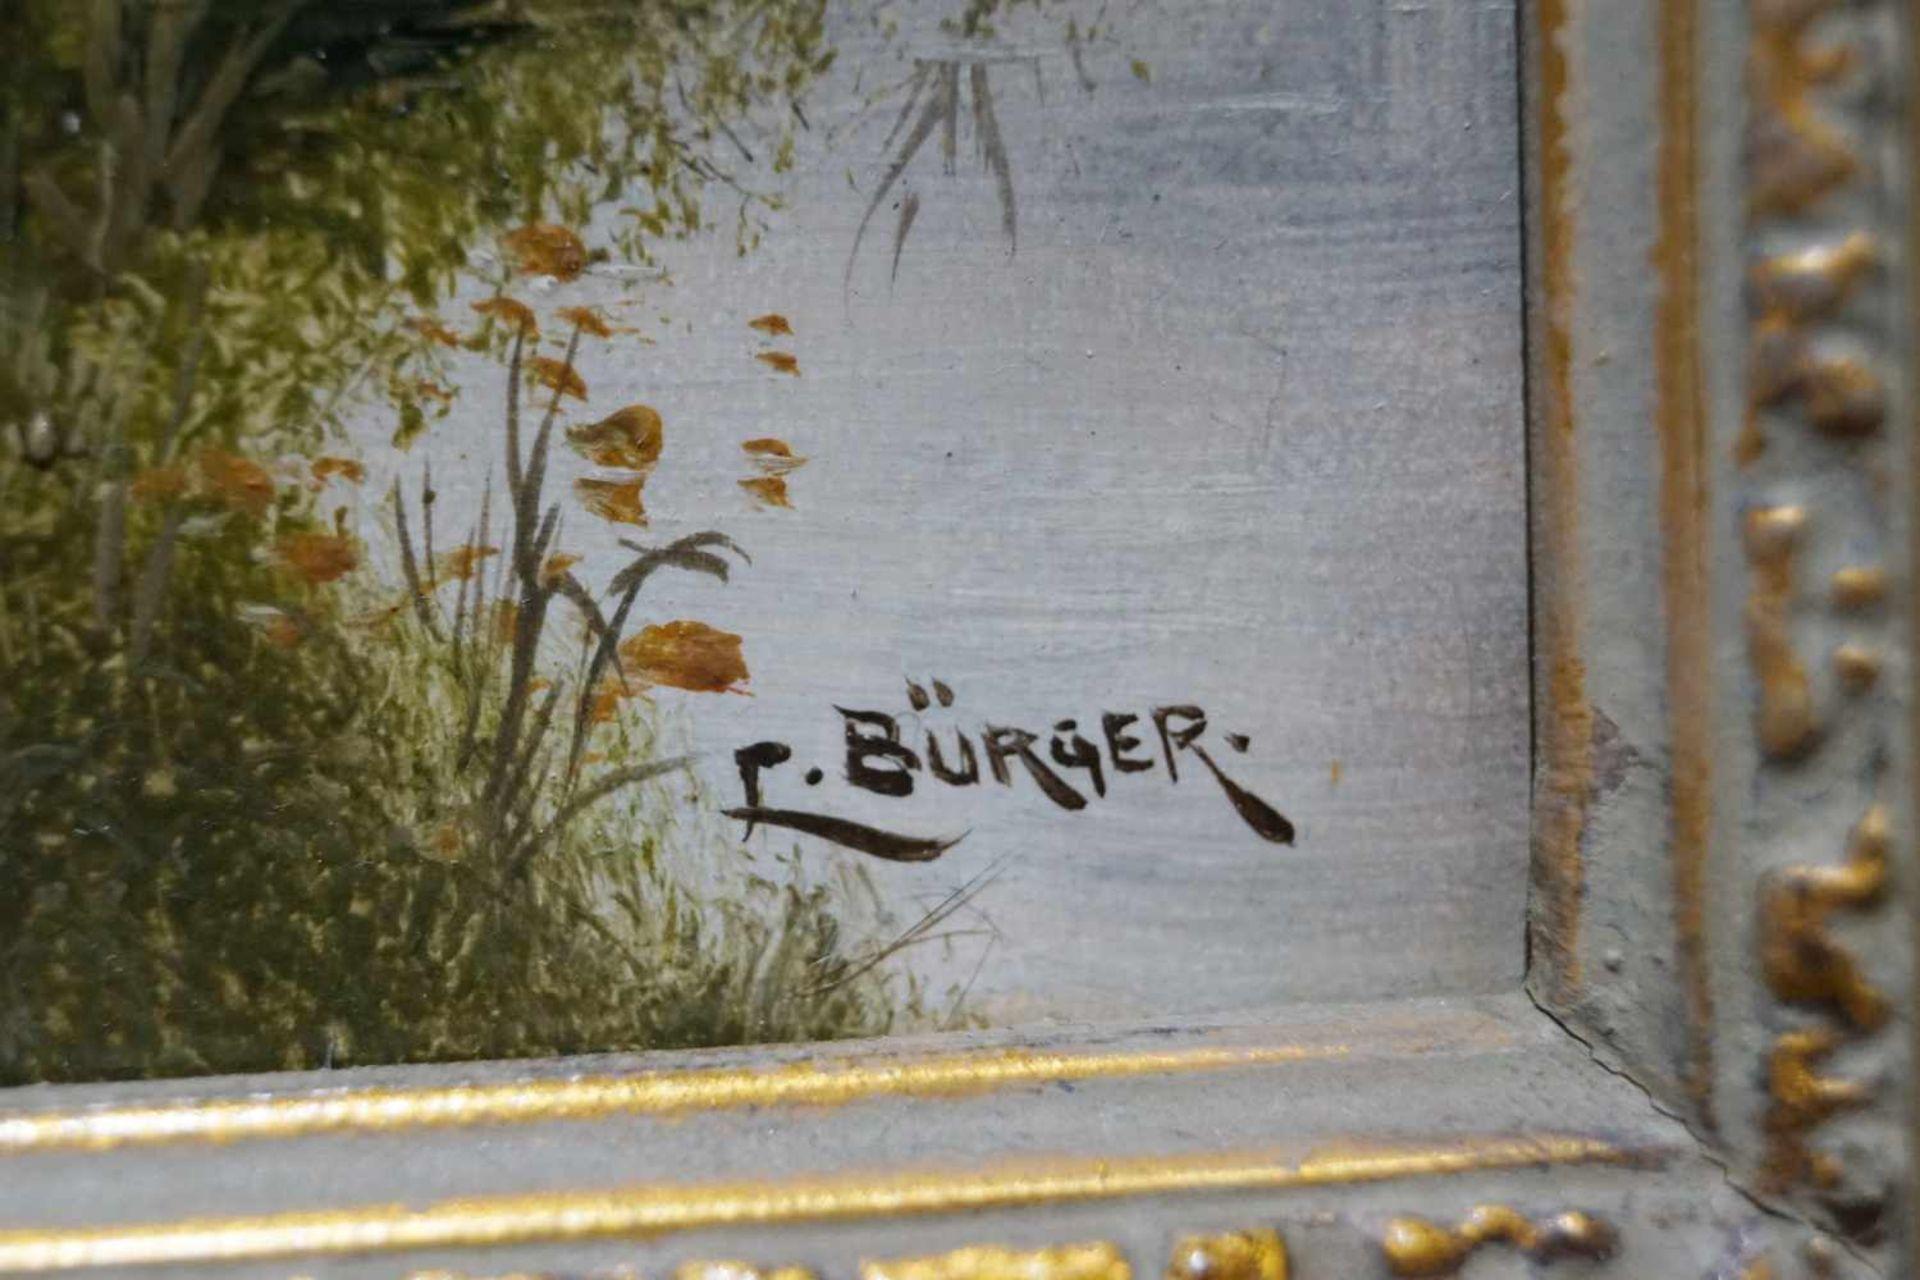 Schafherde am Fluss Felix Bürger, Öl auf Leinwand, gerahmt, Höhe 41,5 cm x Breite 26 cm, in sehr - Bild 2 aus 2